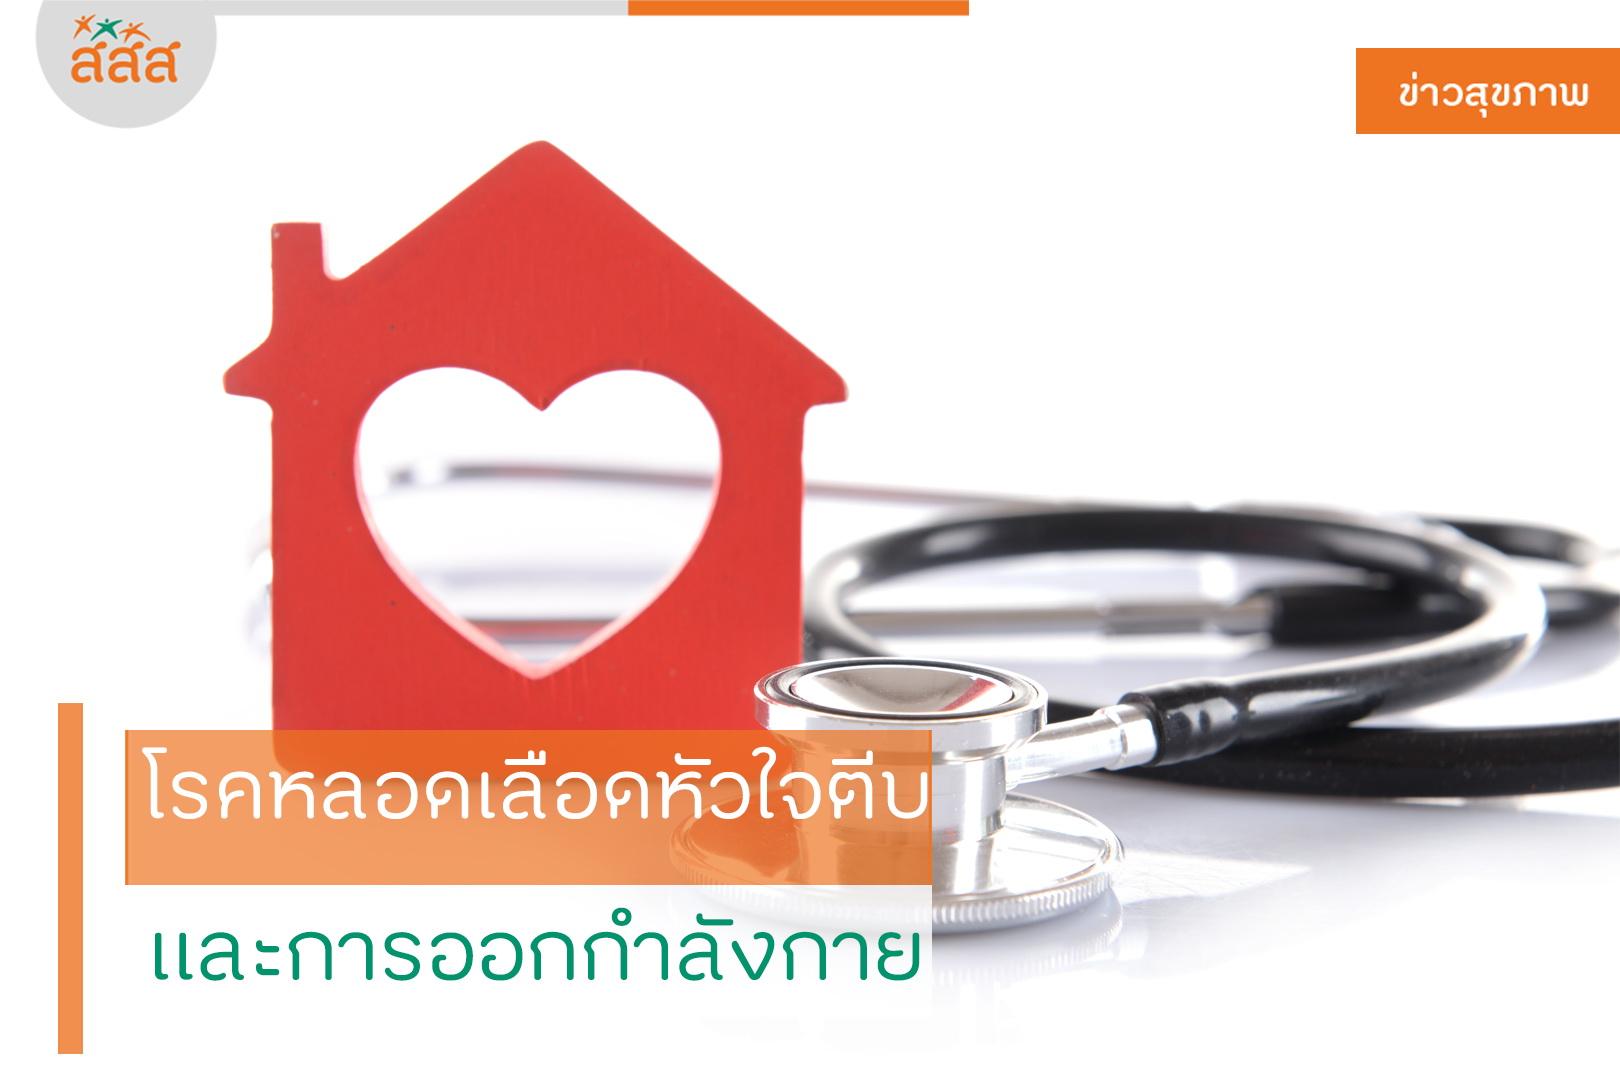 โรคหลอดเลือดหัวใจตีบ และการออกกำลังกาย thaihealth